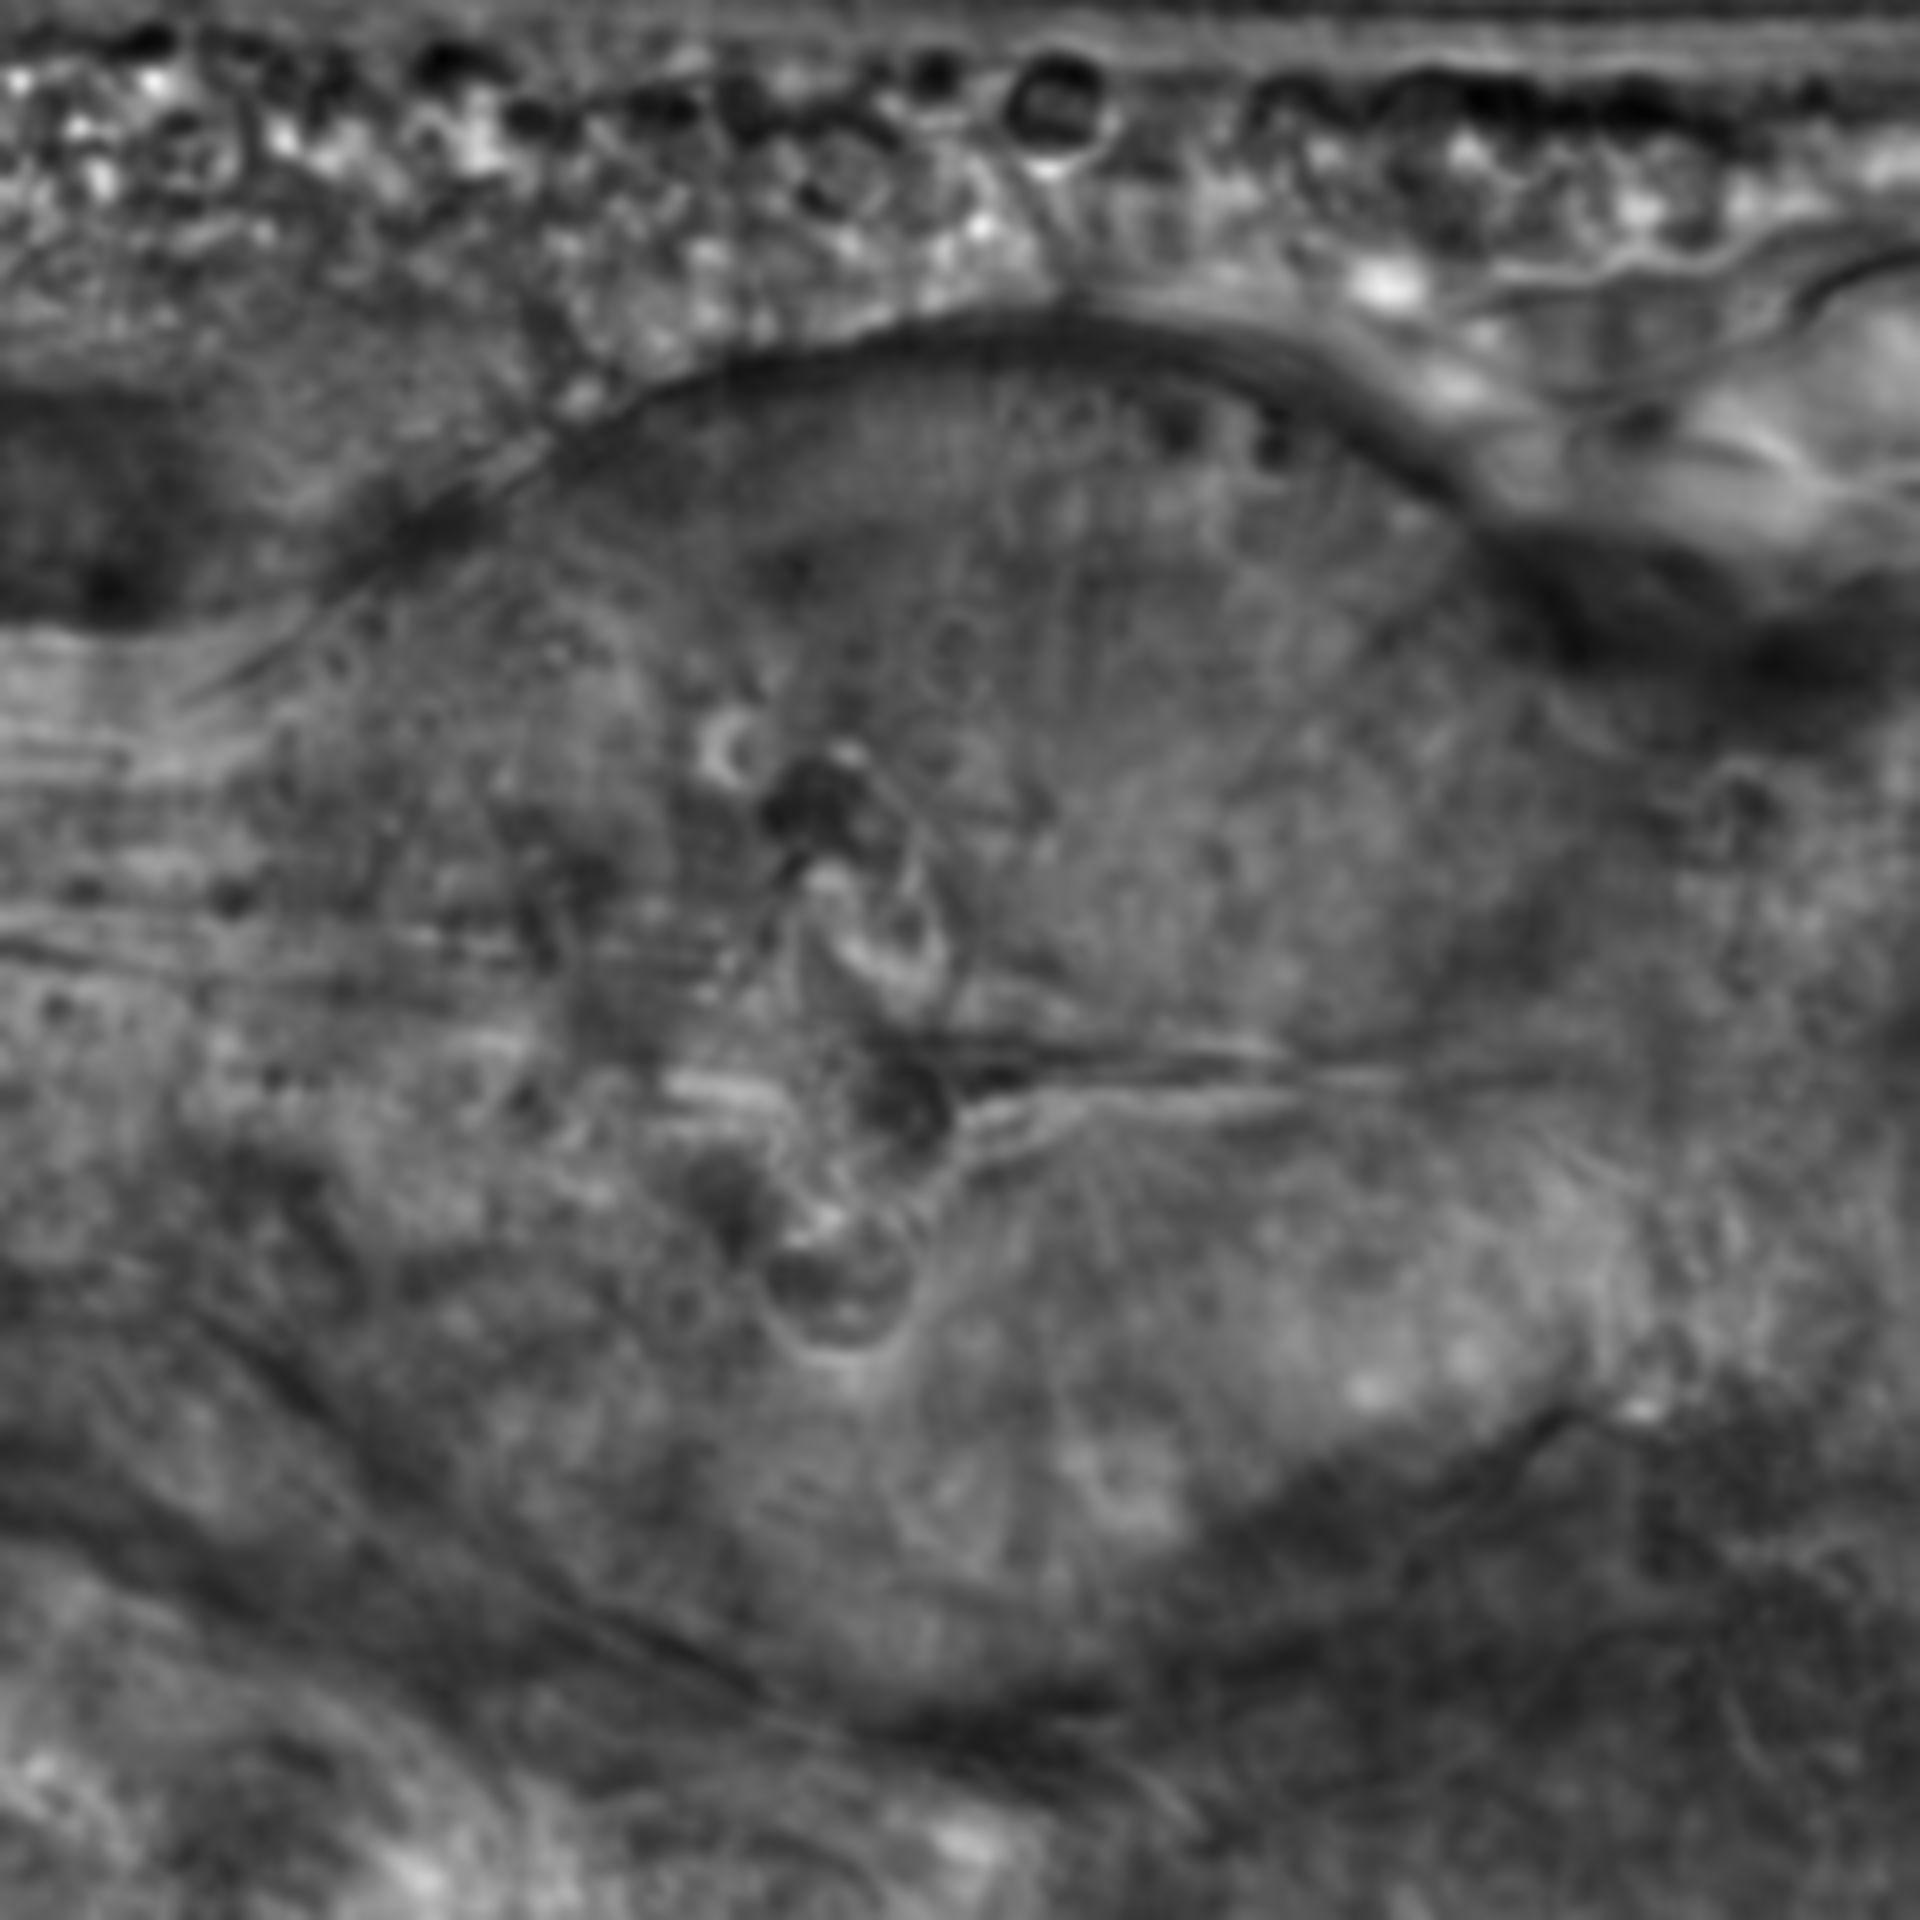 Caenorhabditis elegans - CIL:1941